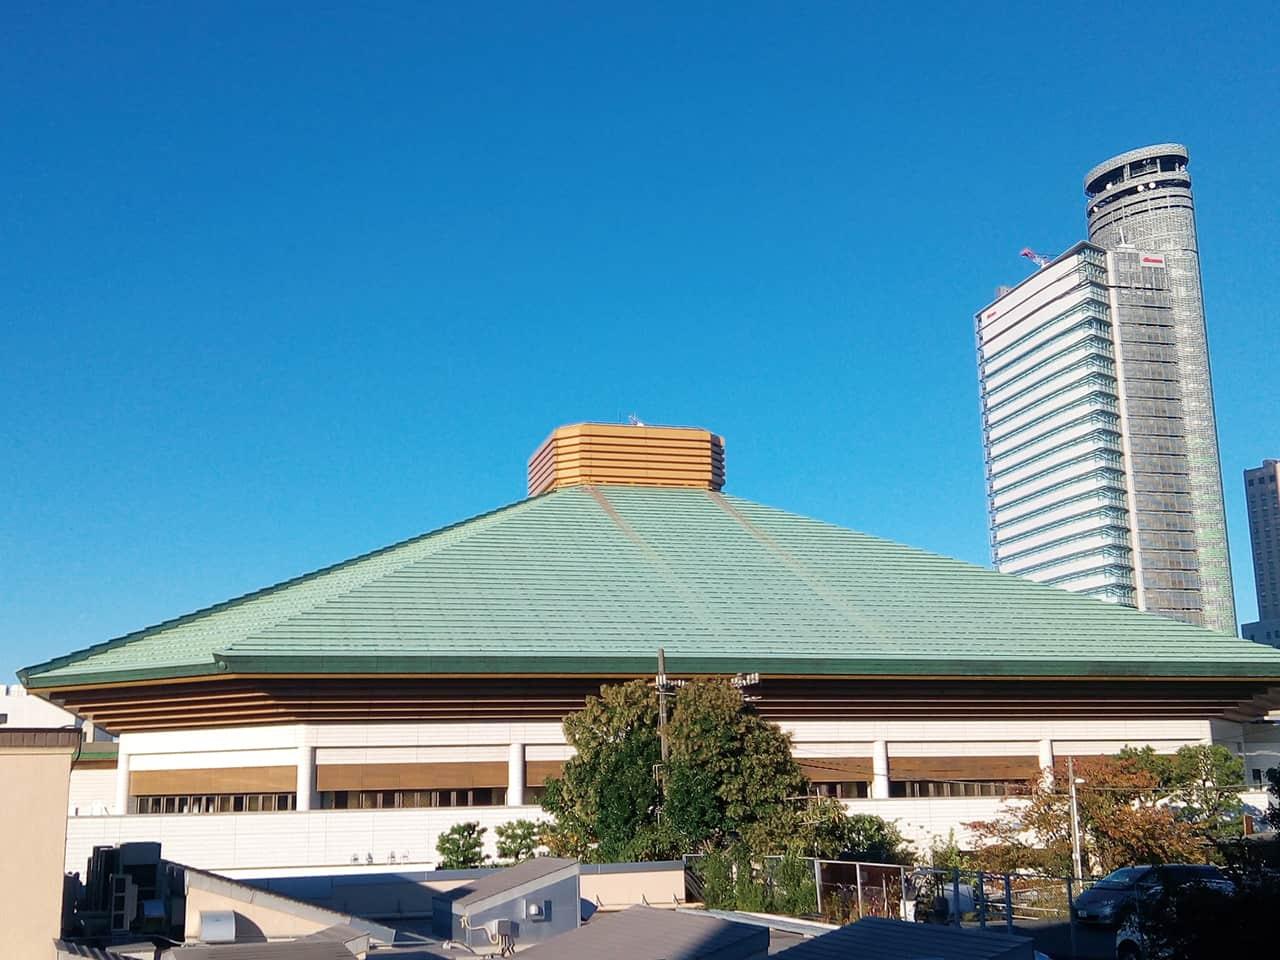 ย่านเรียวโกกุ (Ryokoku) เขตสุมิดะ ดินแดนศักดิ์สิทธิ์แห่งซูโม่และจังโกะนาเบะ